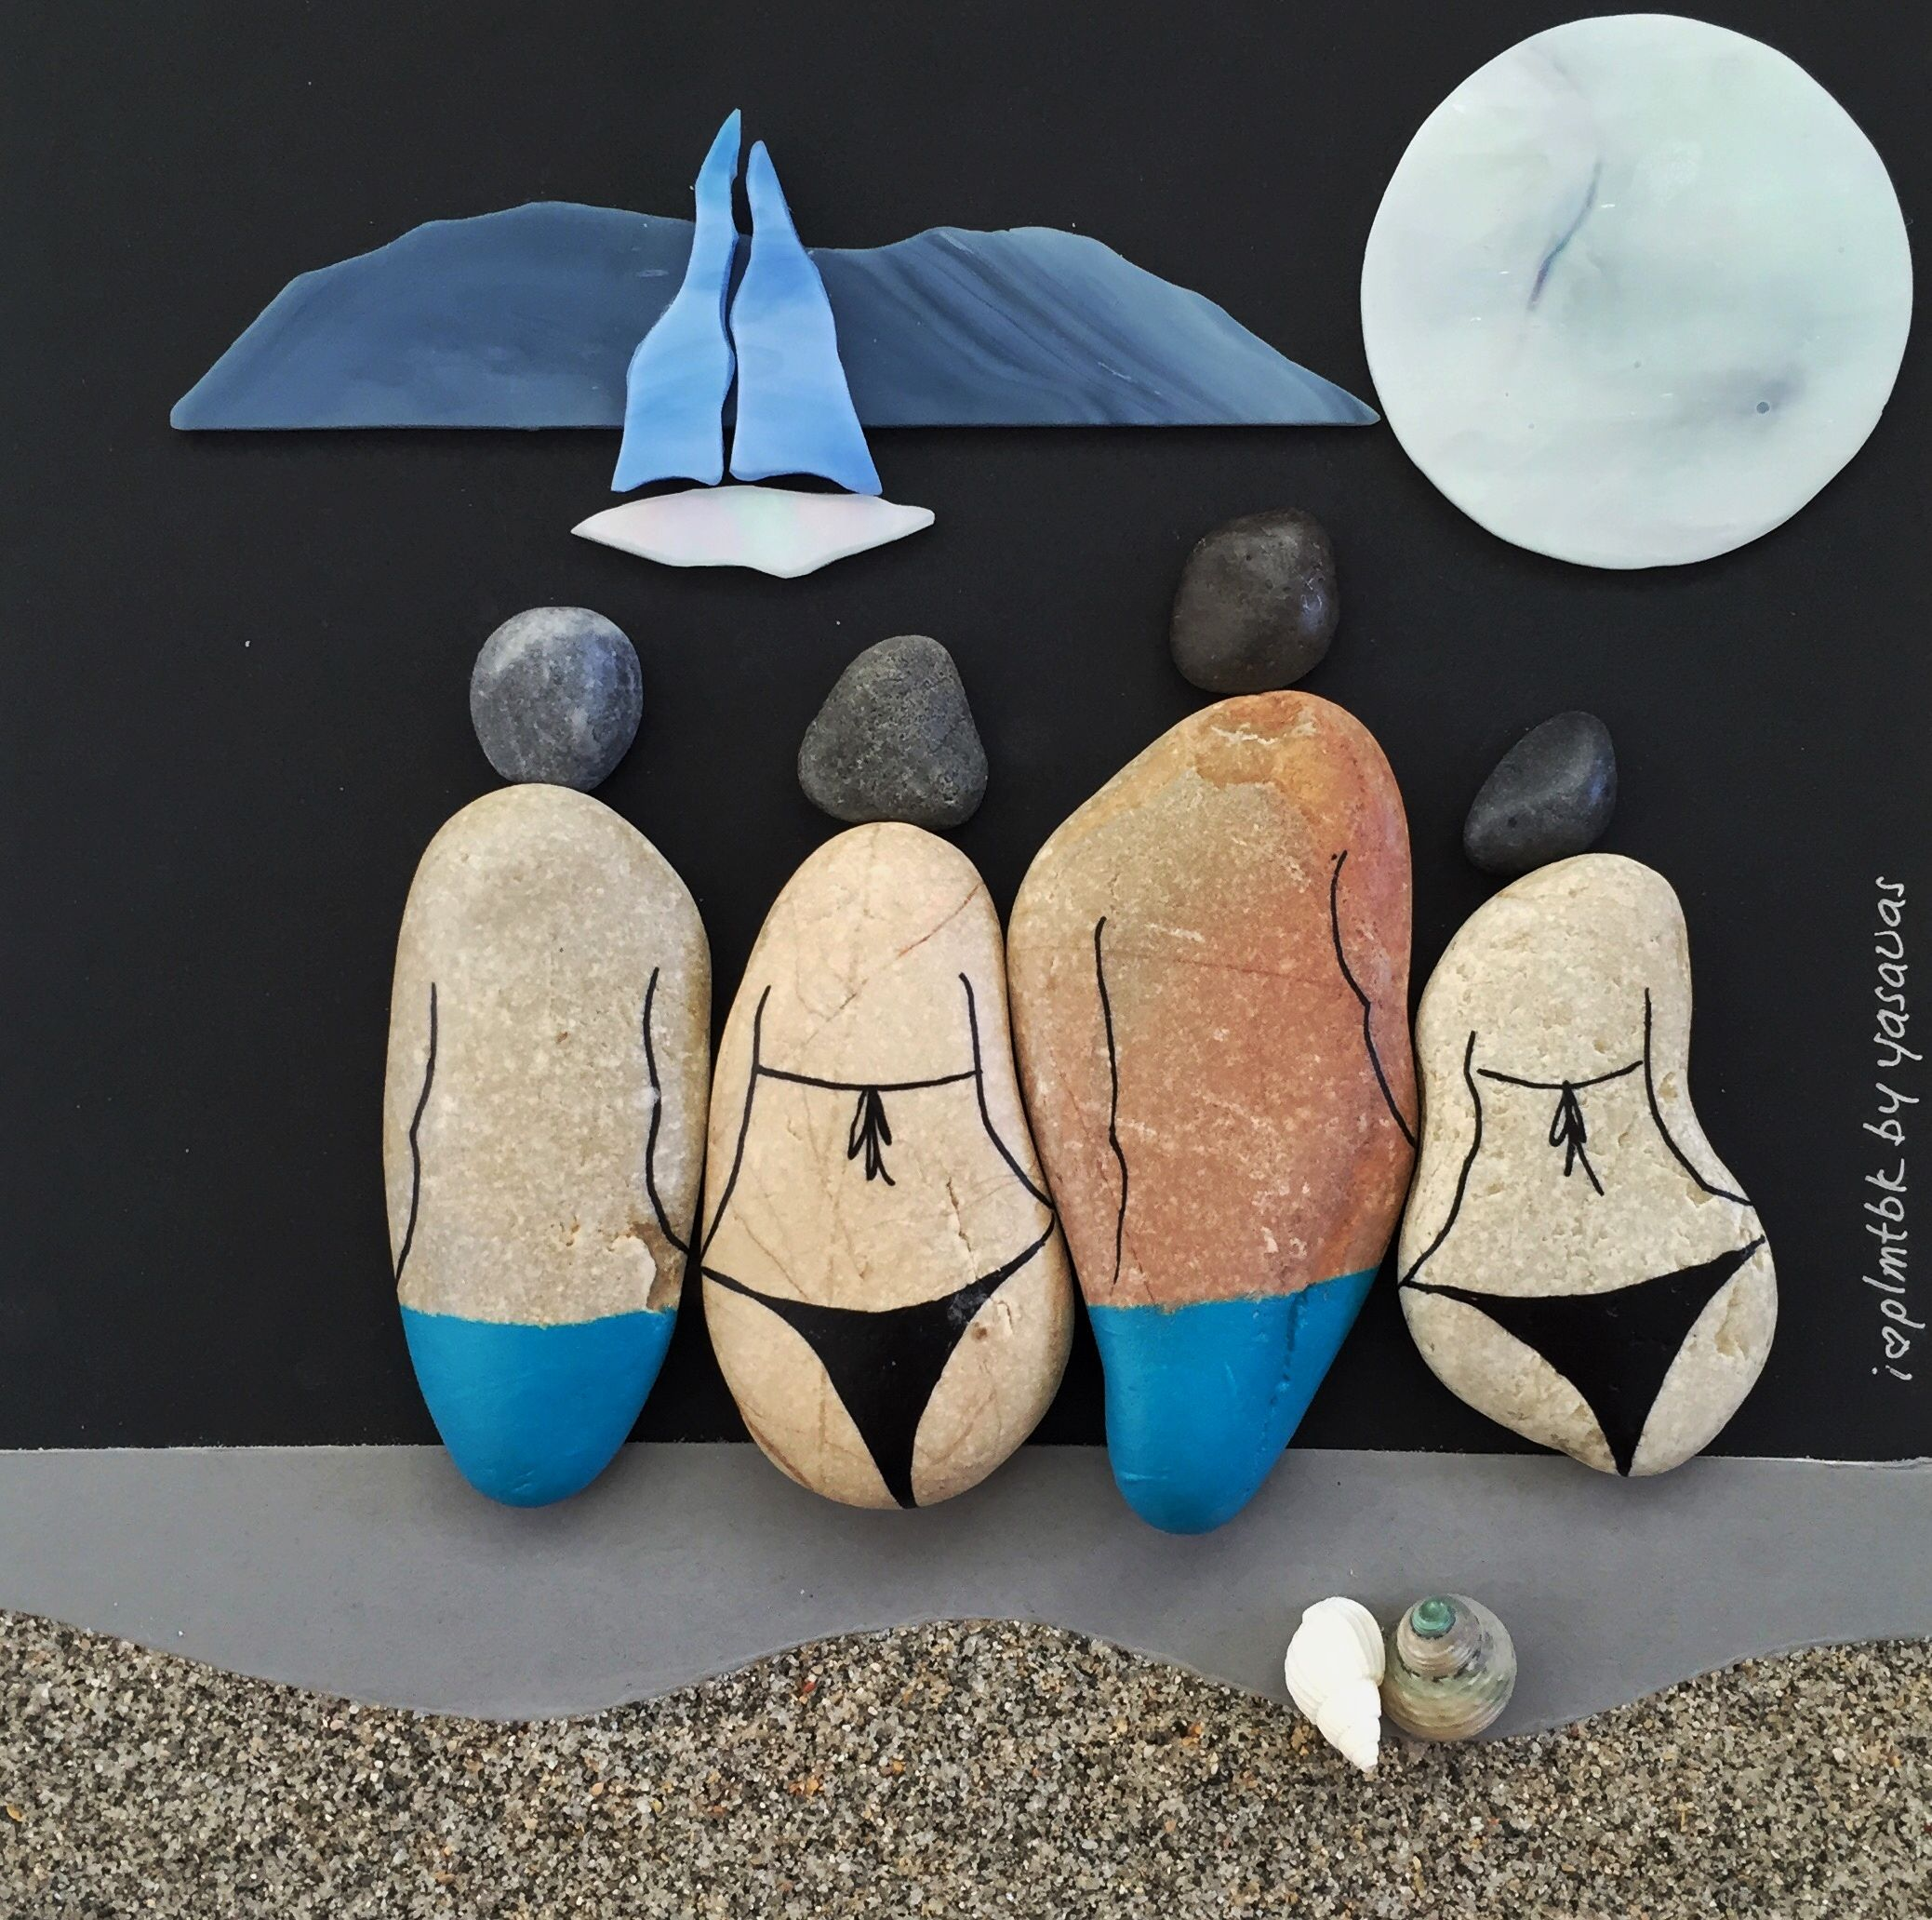 Tableau avec des galets peints cailloux pinterest galets galets peints et peindre - Que faire avec des galets de plage ...